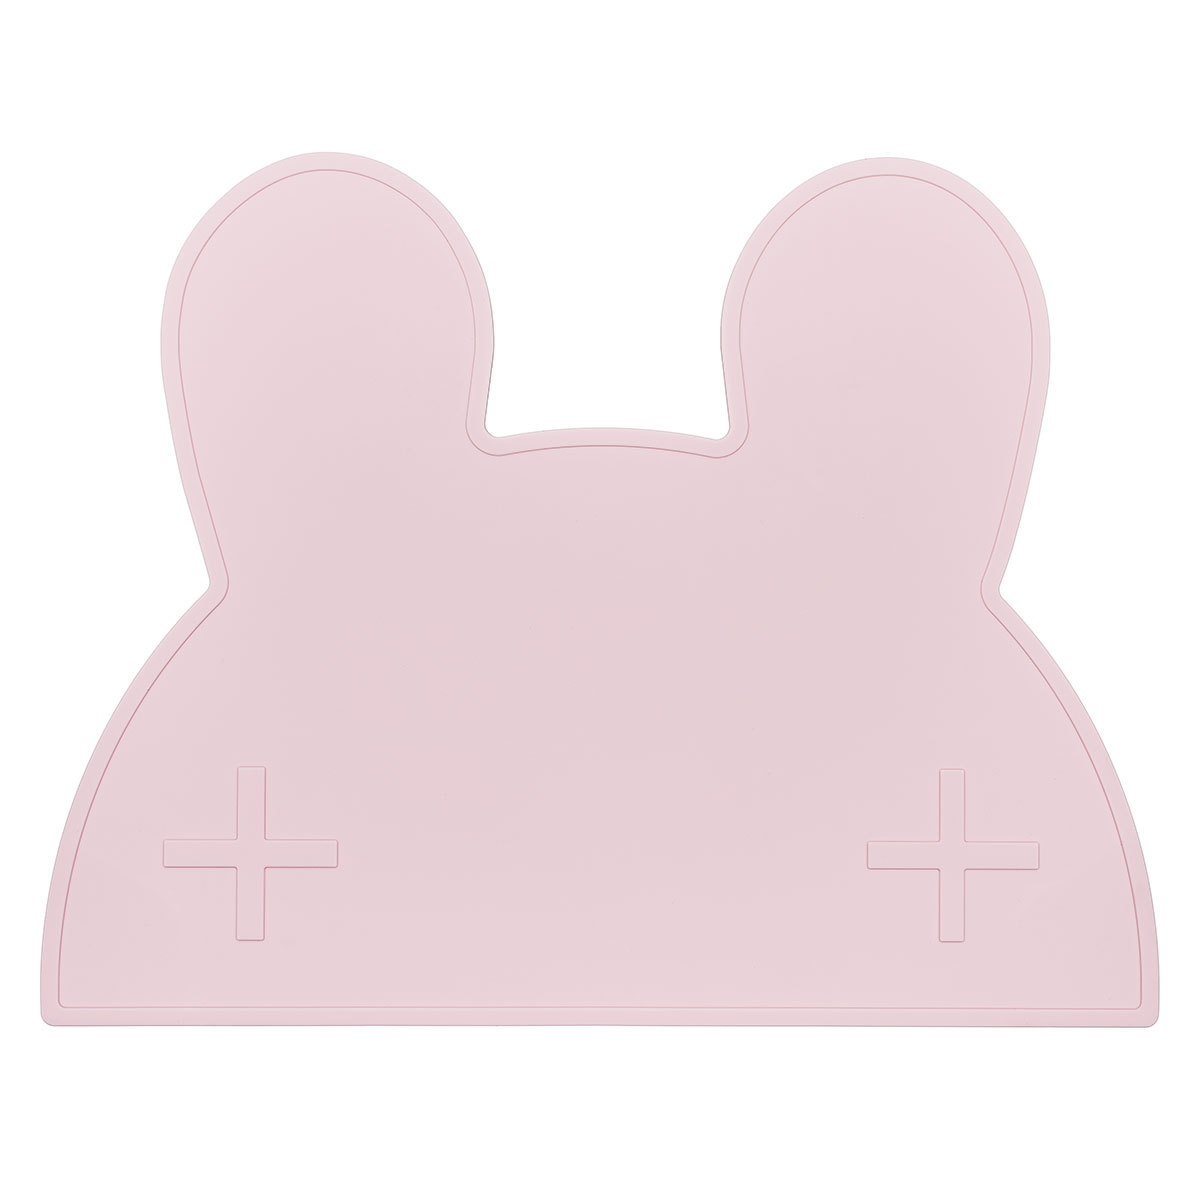 Vaisselle & Couvert Set de Table Lapin - Powder Pink Set de Table Lapin - Powder Pink